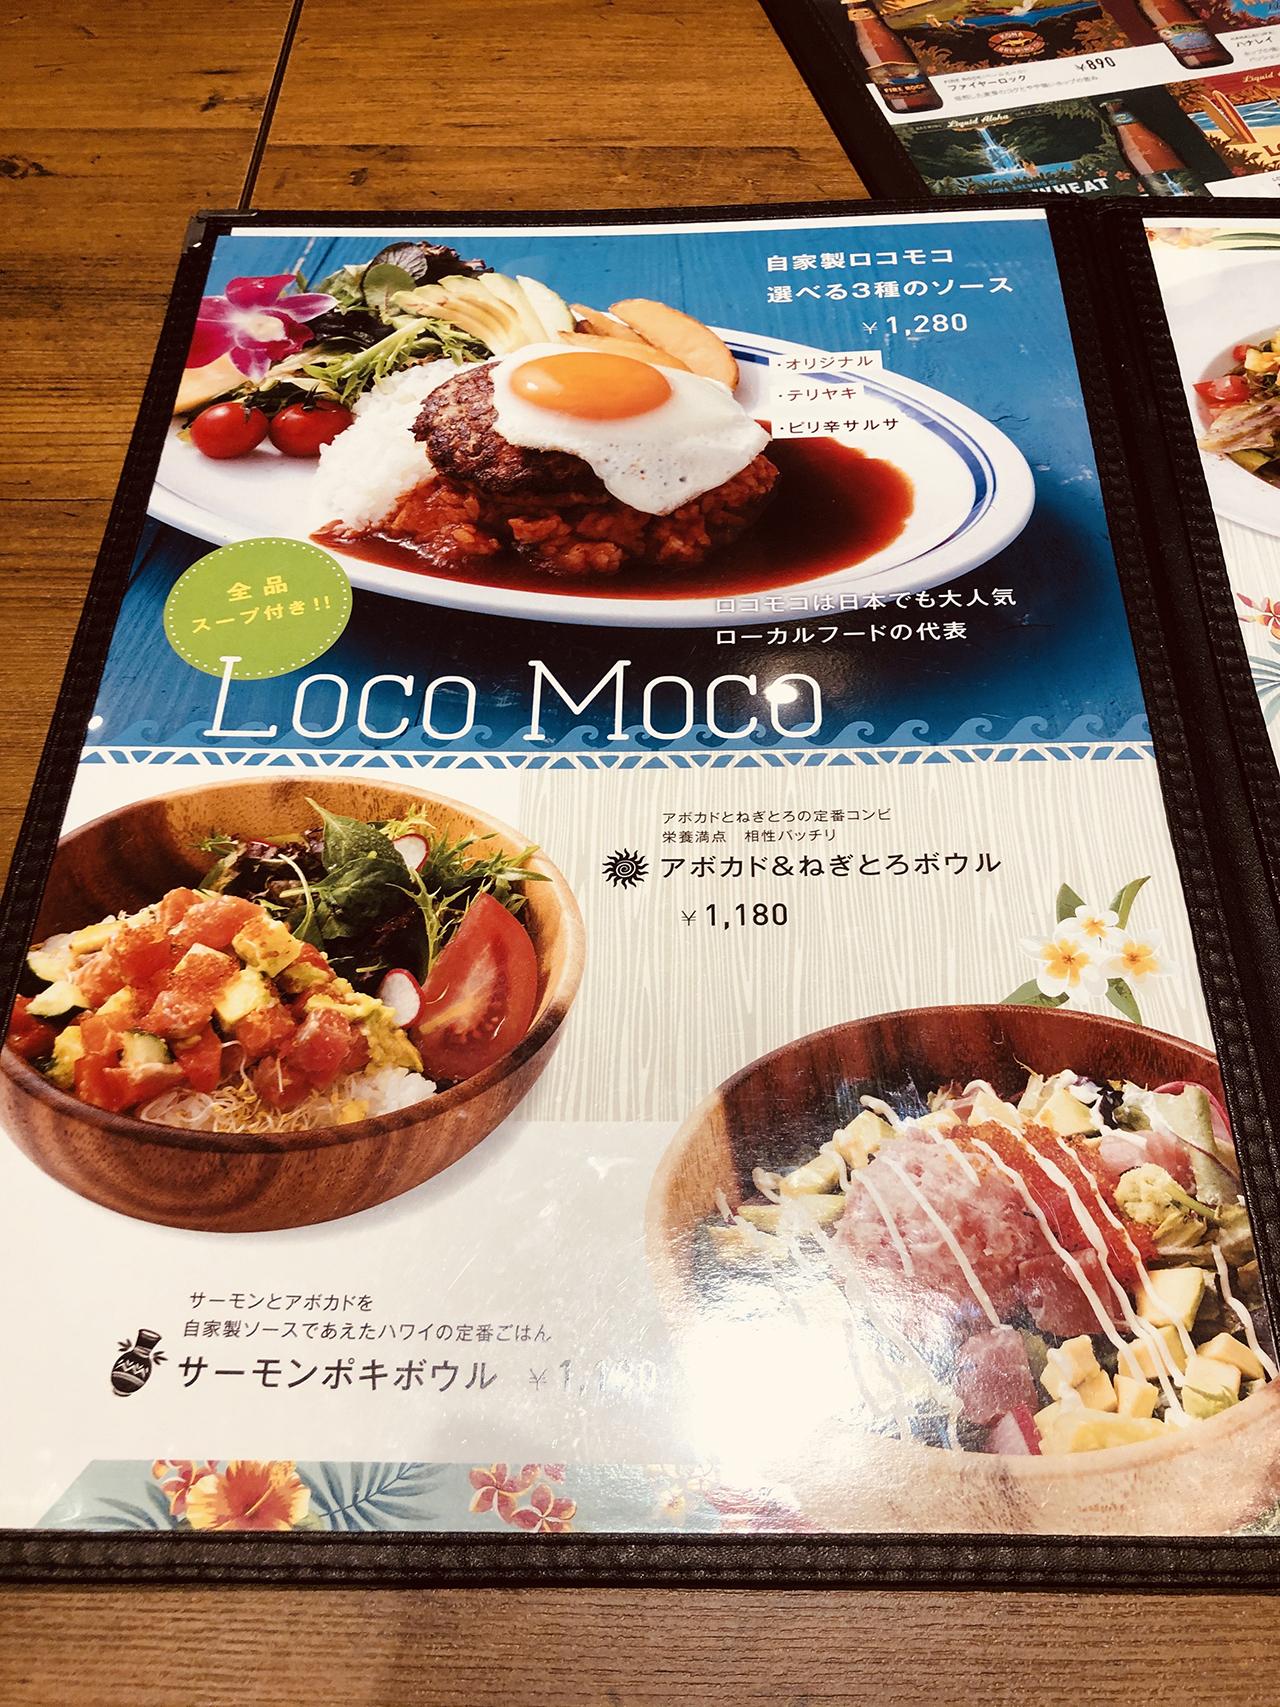 Hawaiian Food & Kona Beer KauKau(ハワイアンフード&コナビール カウカウ)そごう千葉店の投稿写真5